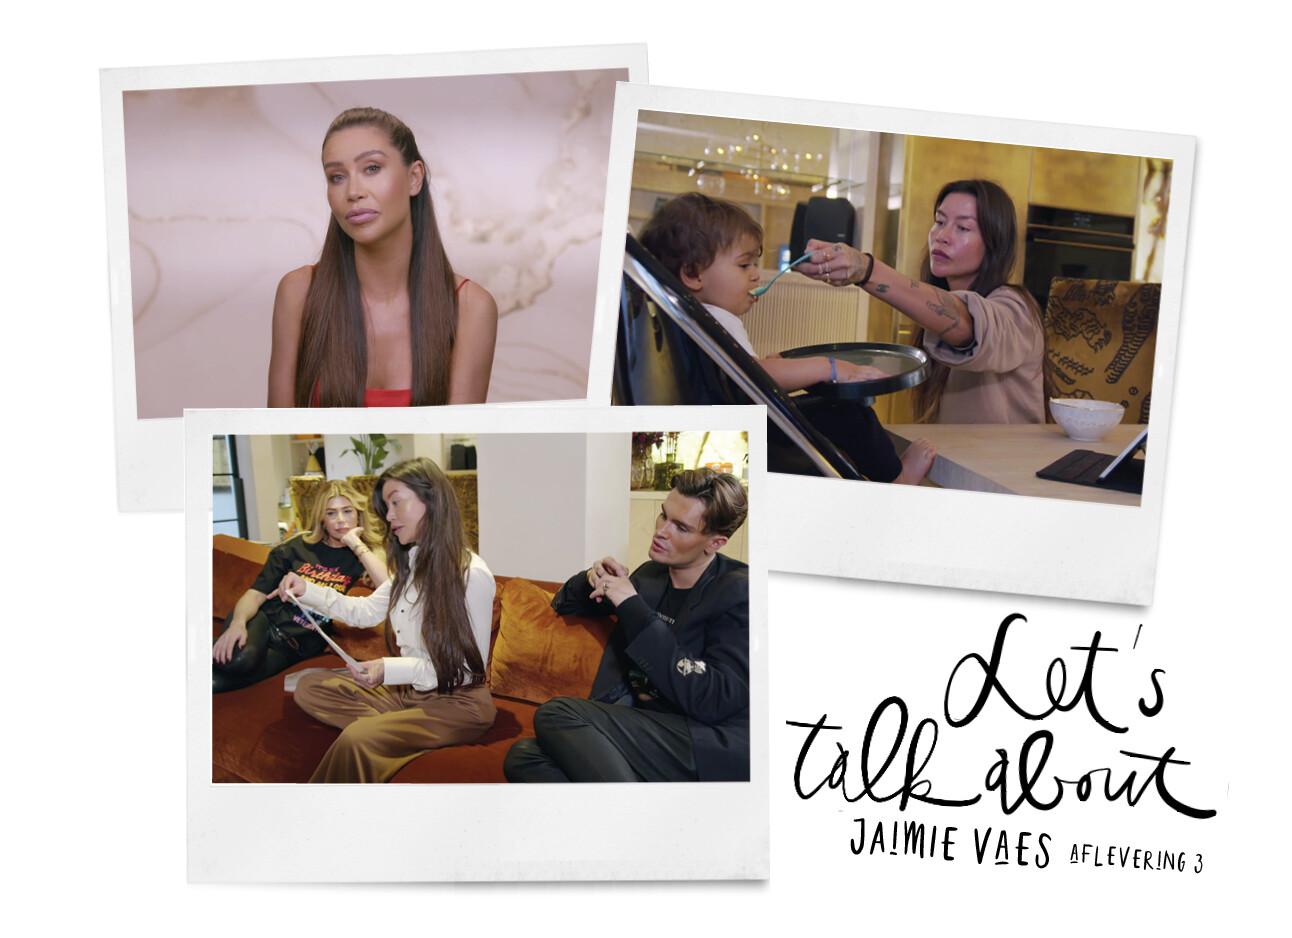 Ik keek Jaimie Vaes: In The Vaes Lane aflevering 3 en dit is wat ik dacht